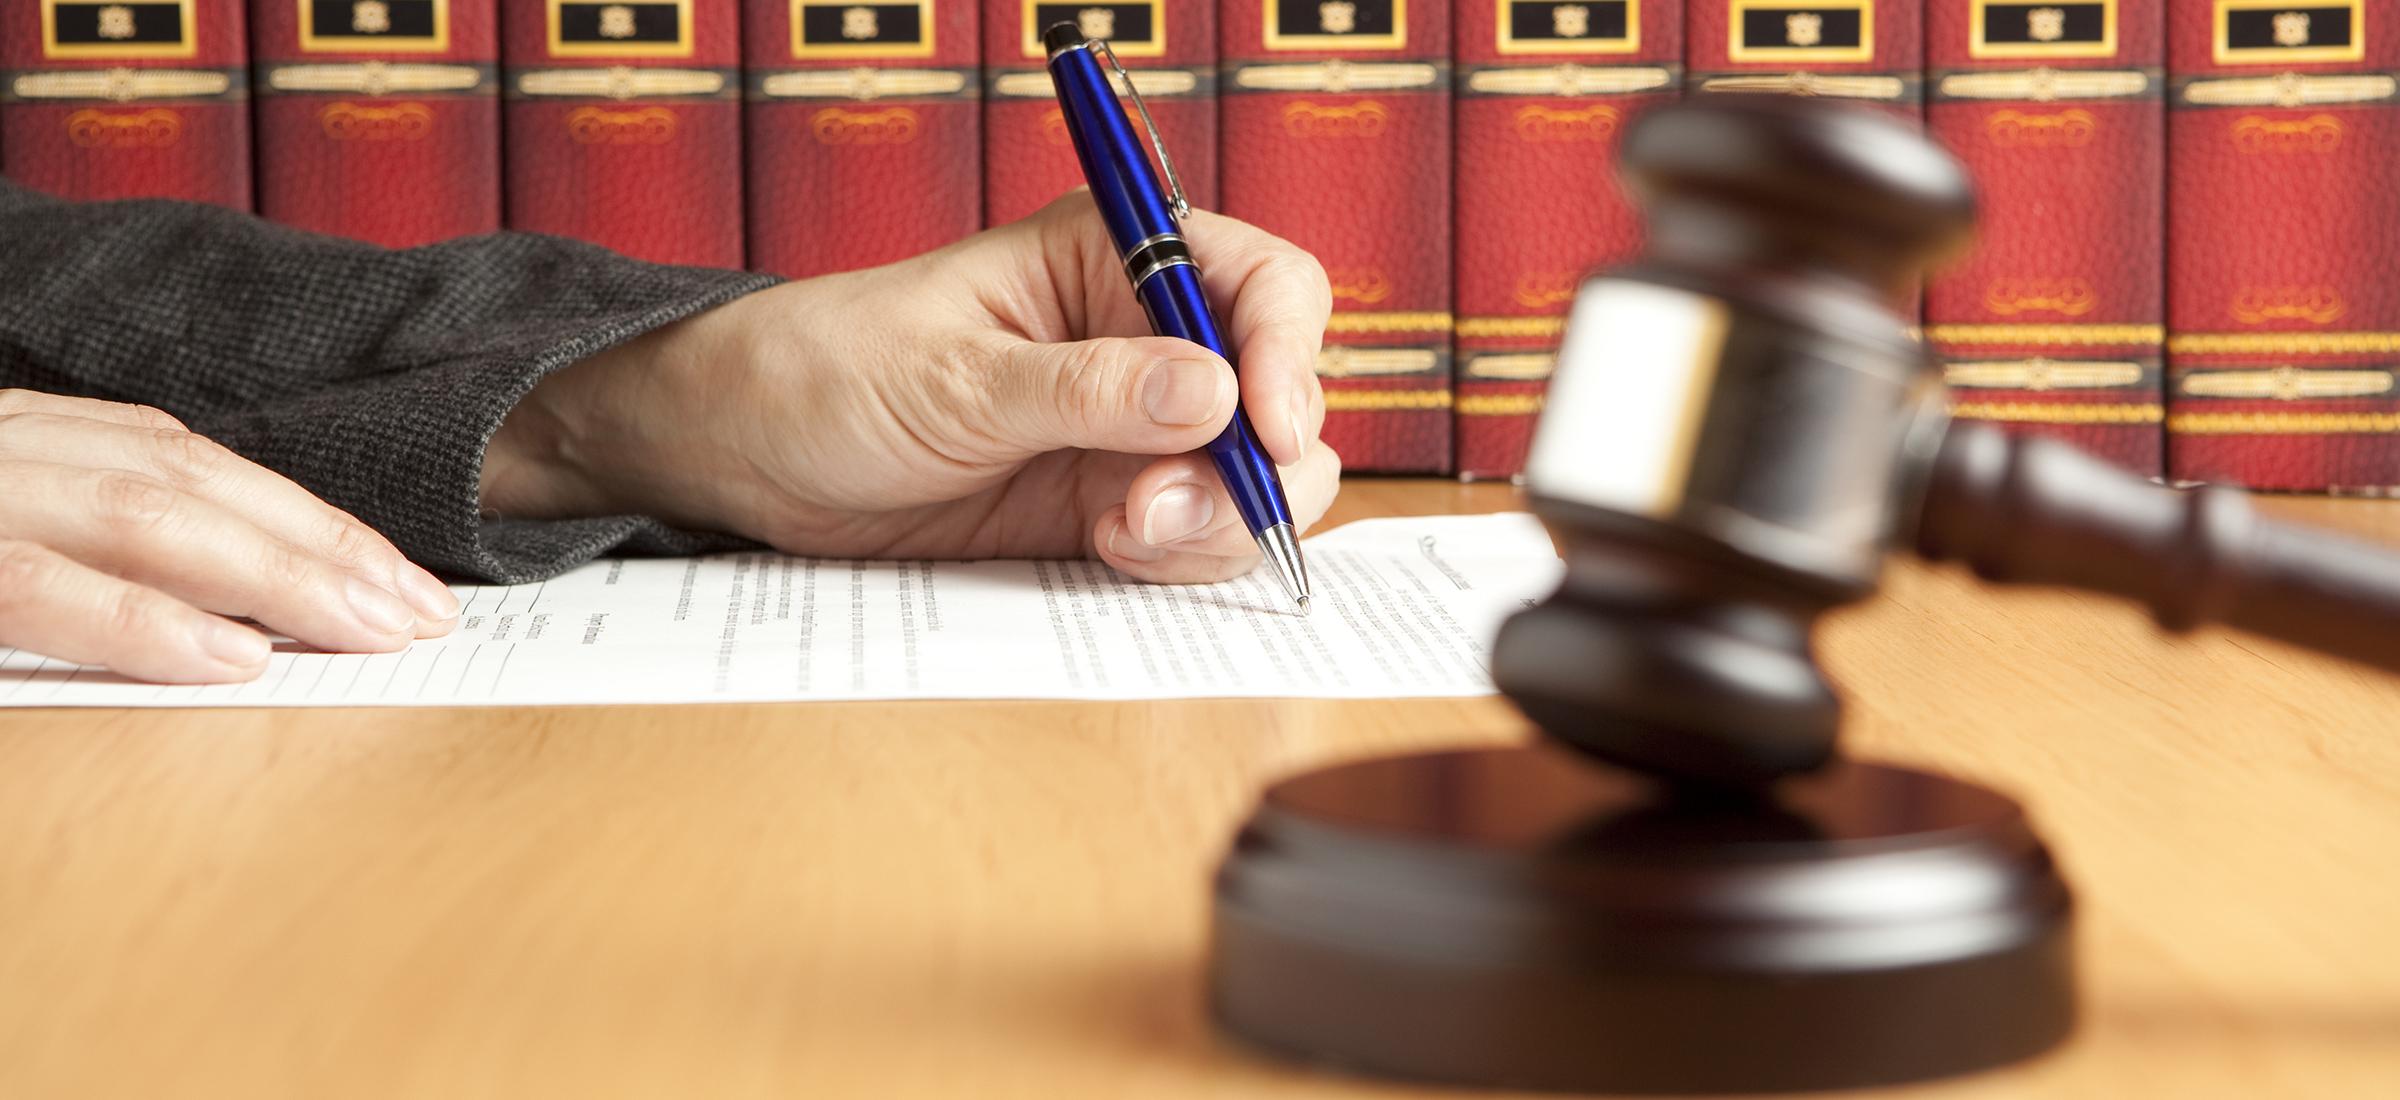 Nos Missions En Matiere Juridique Et Fiscale Actium Audit Conseil